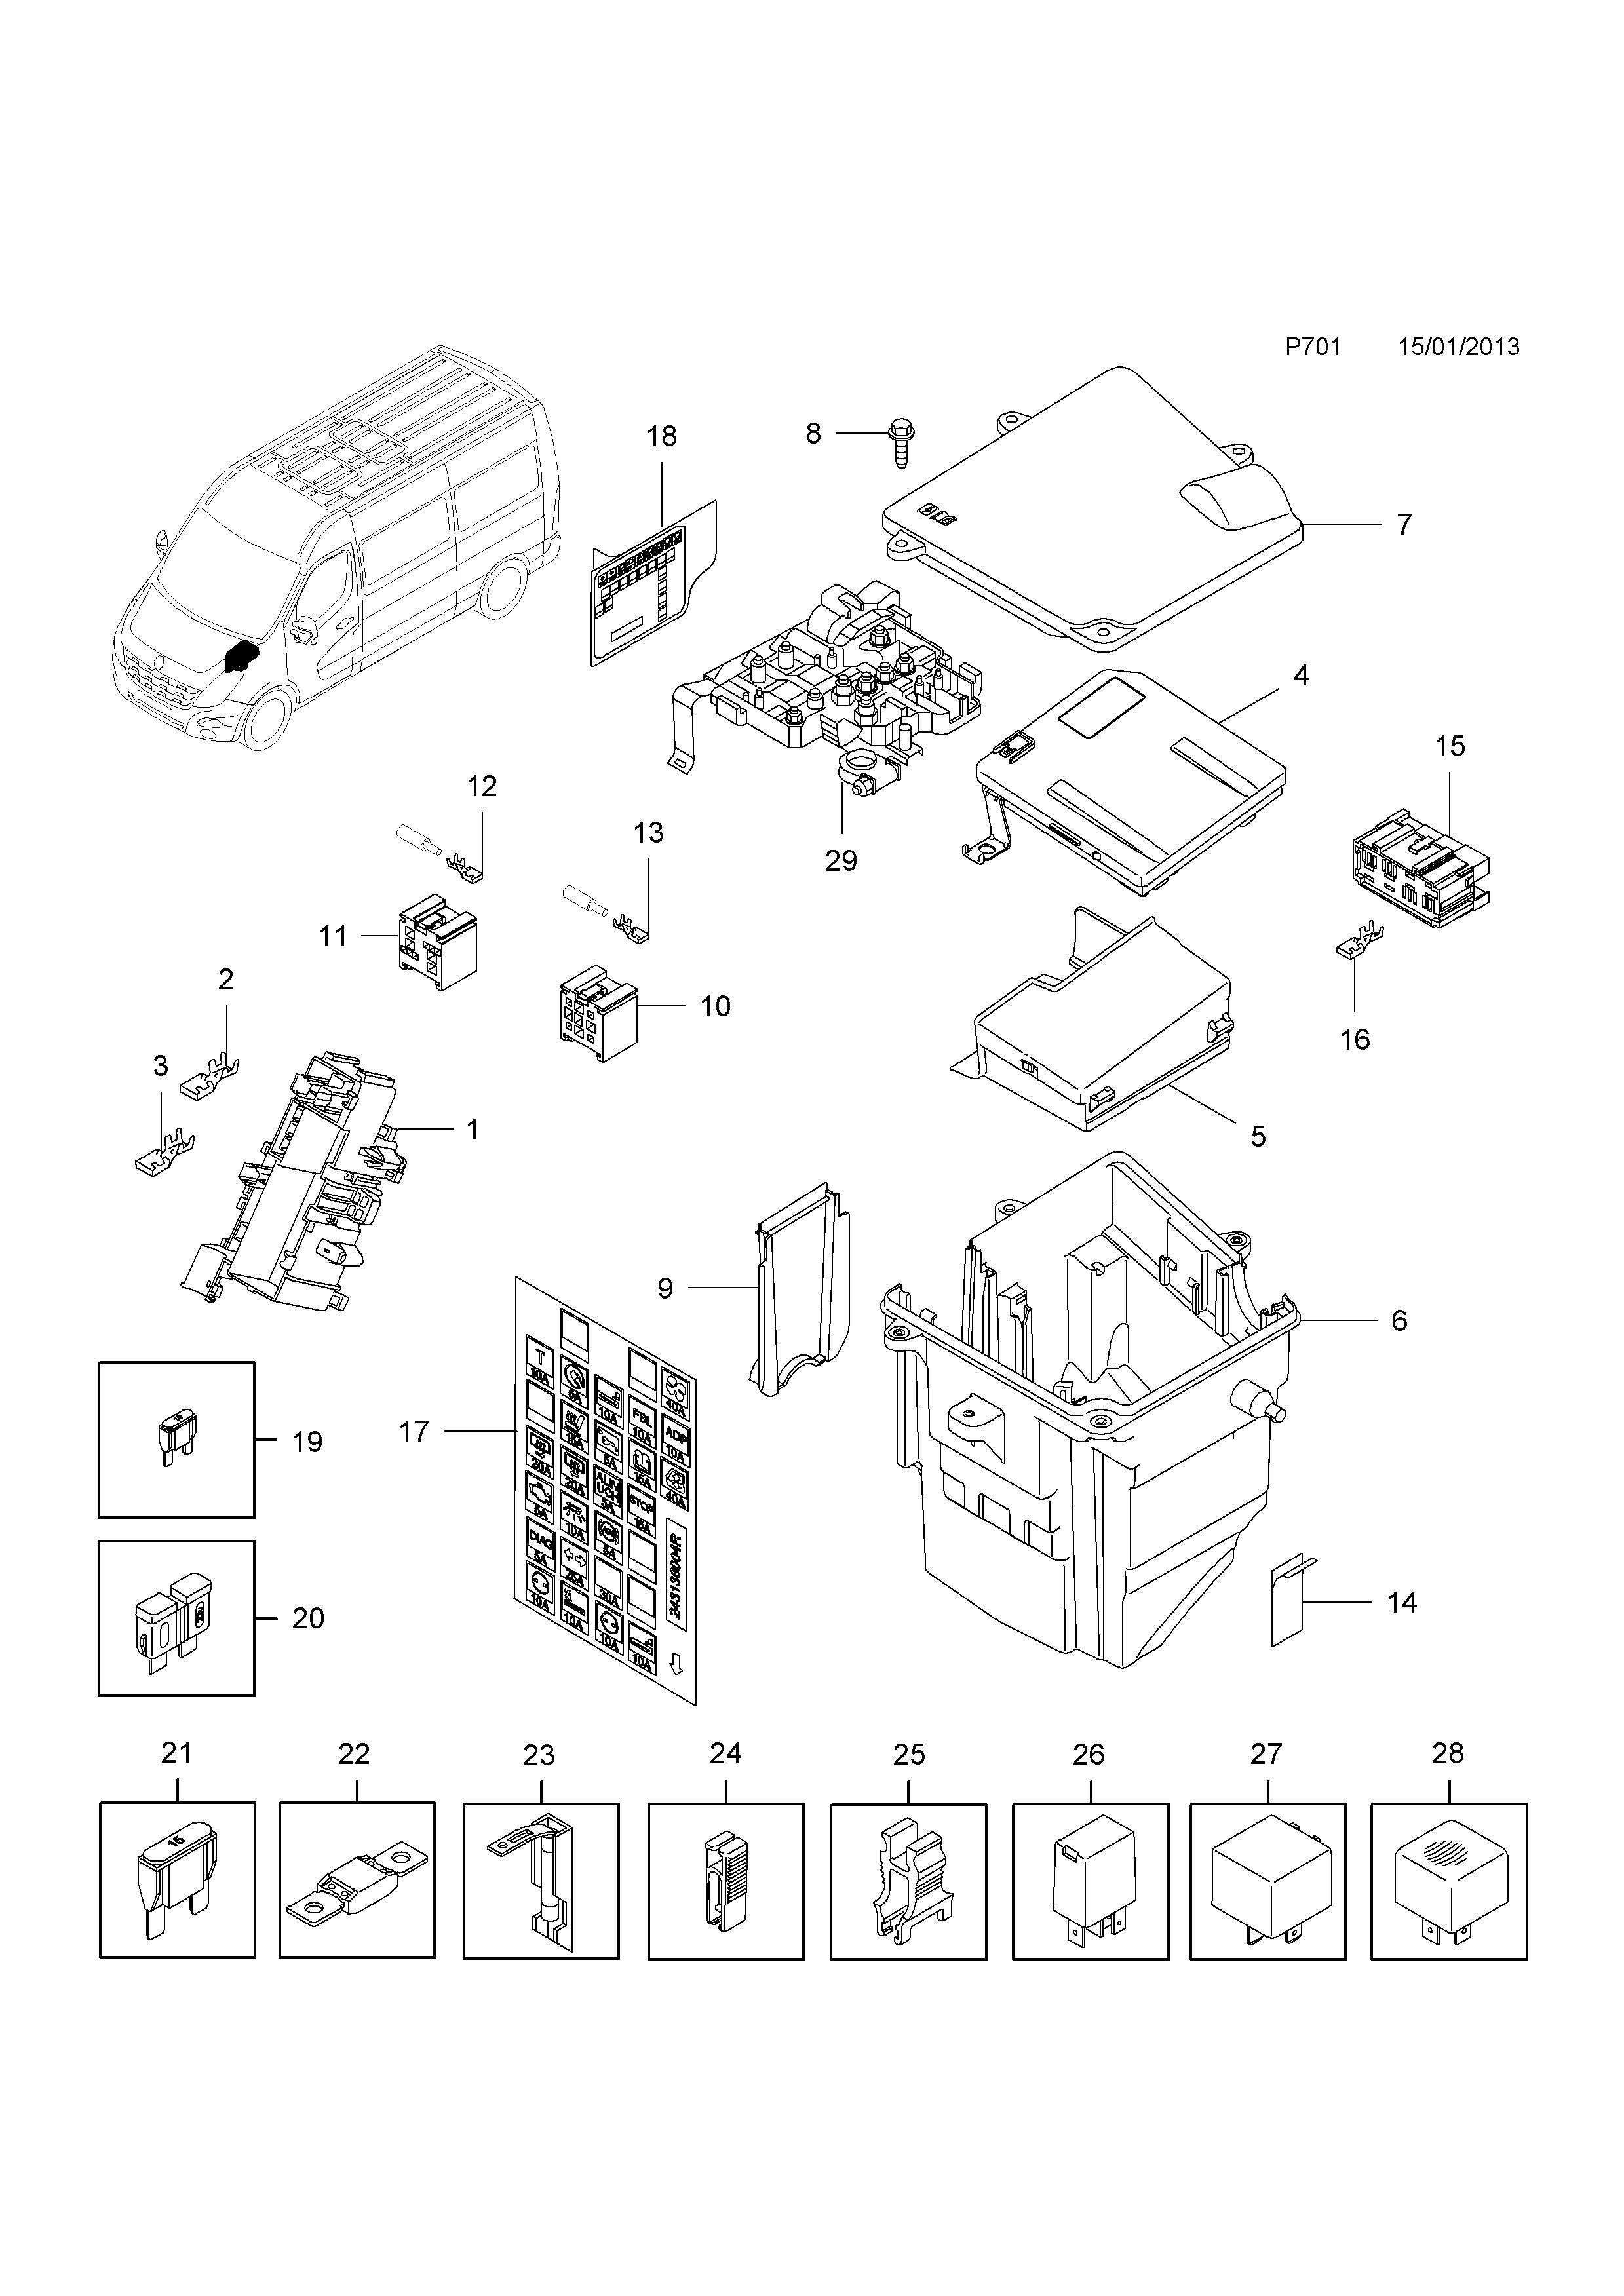 epc fuse box